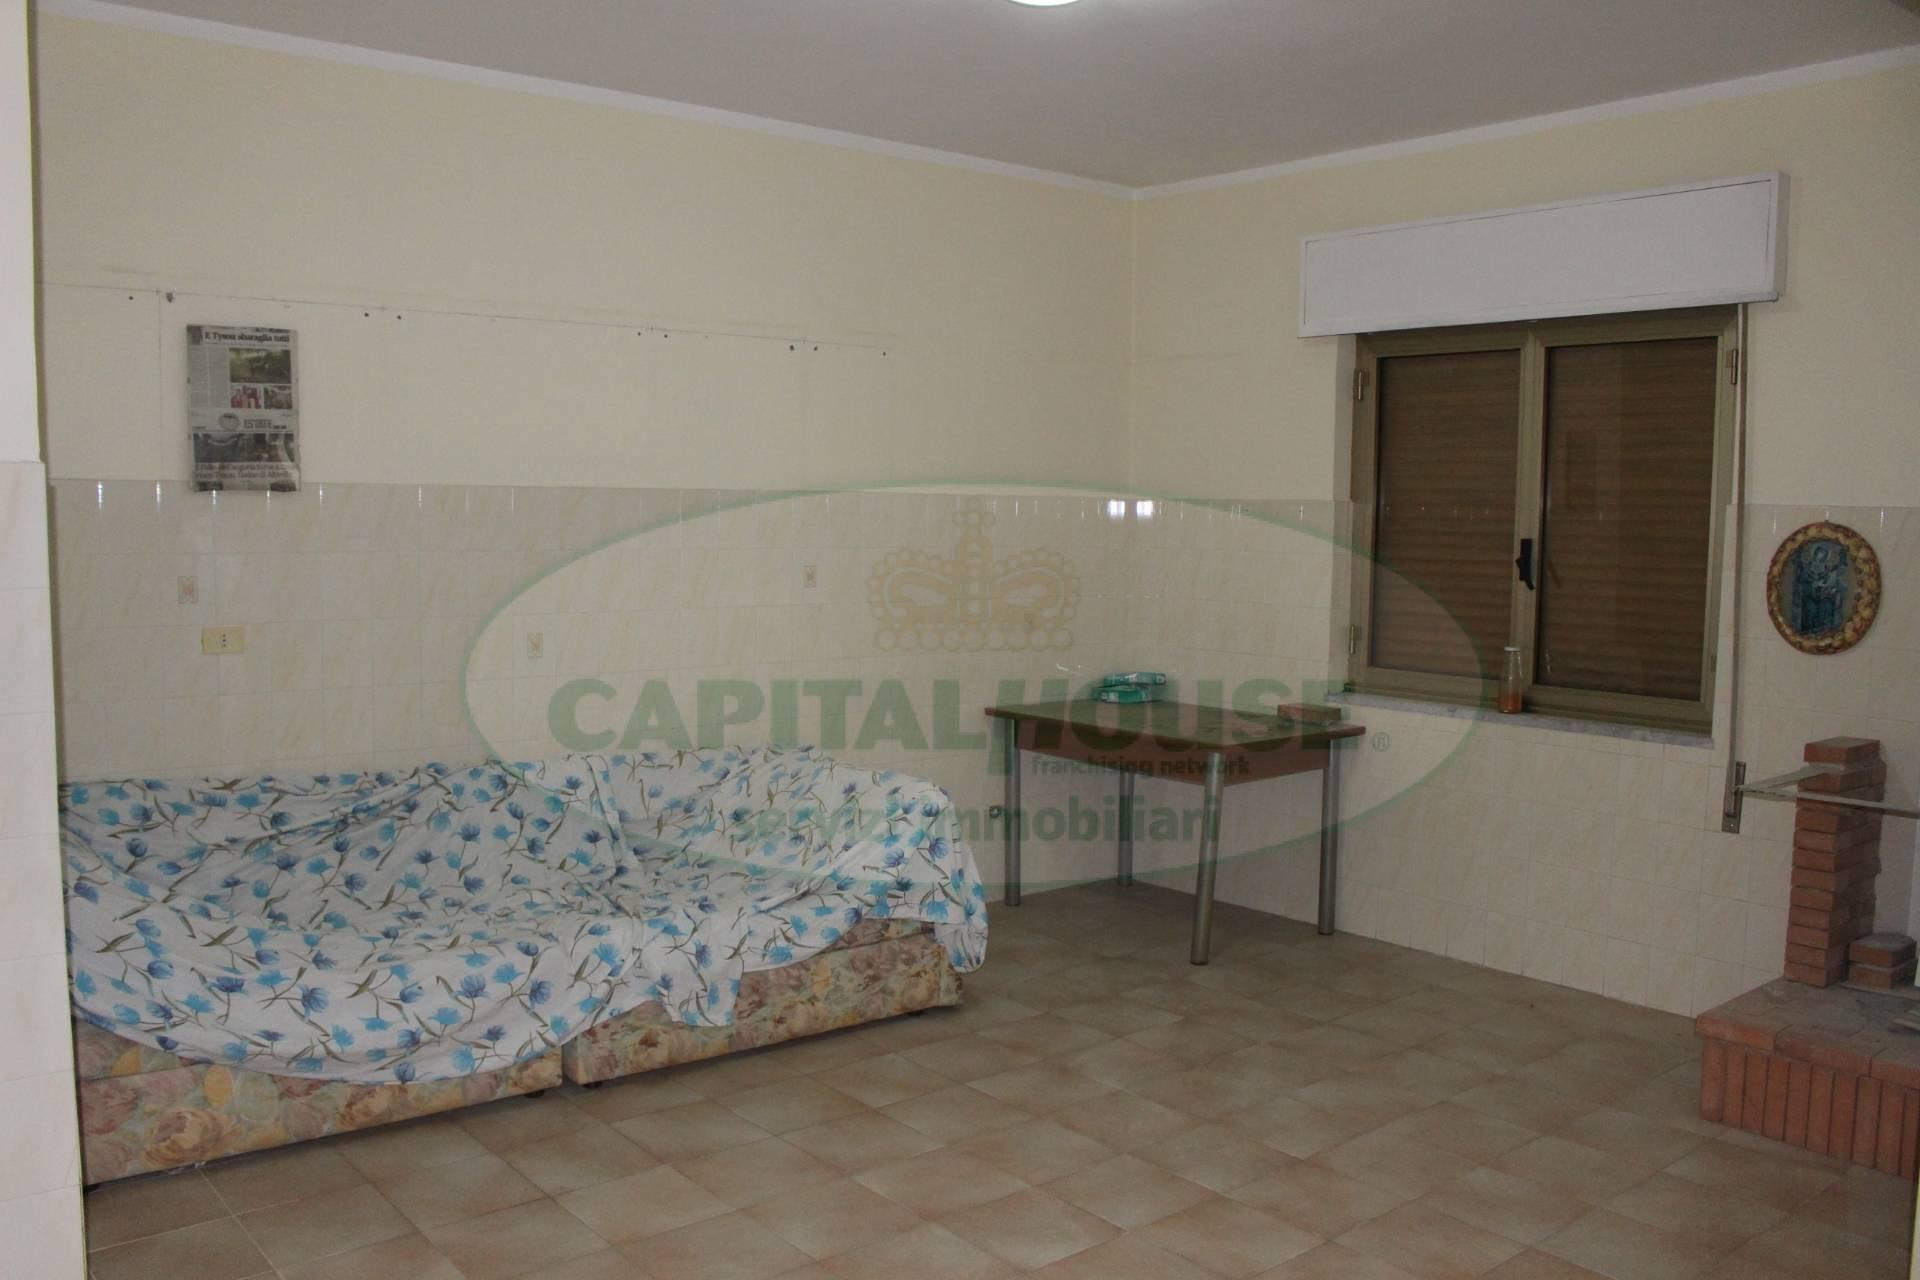 Villa in Vendita a Altavilla Irpina: 5 locali, 15 mq - Foto 13